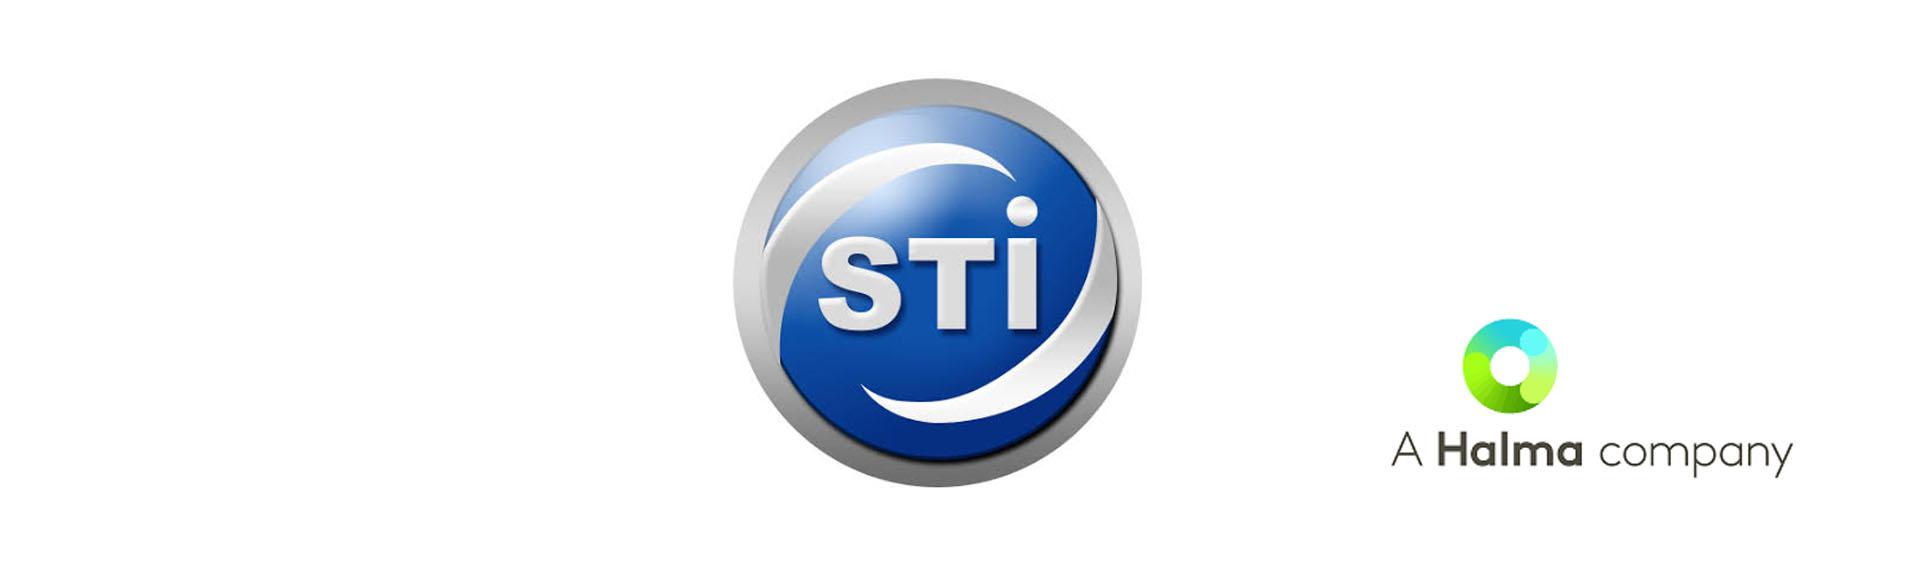 sti-banner1